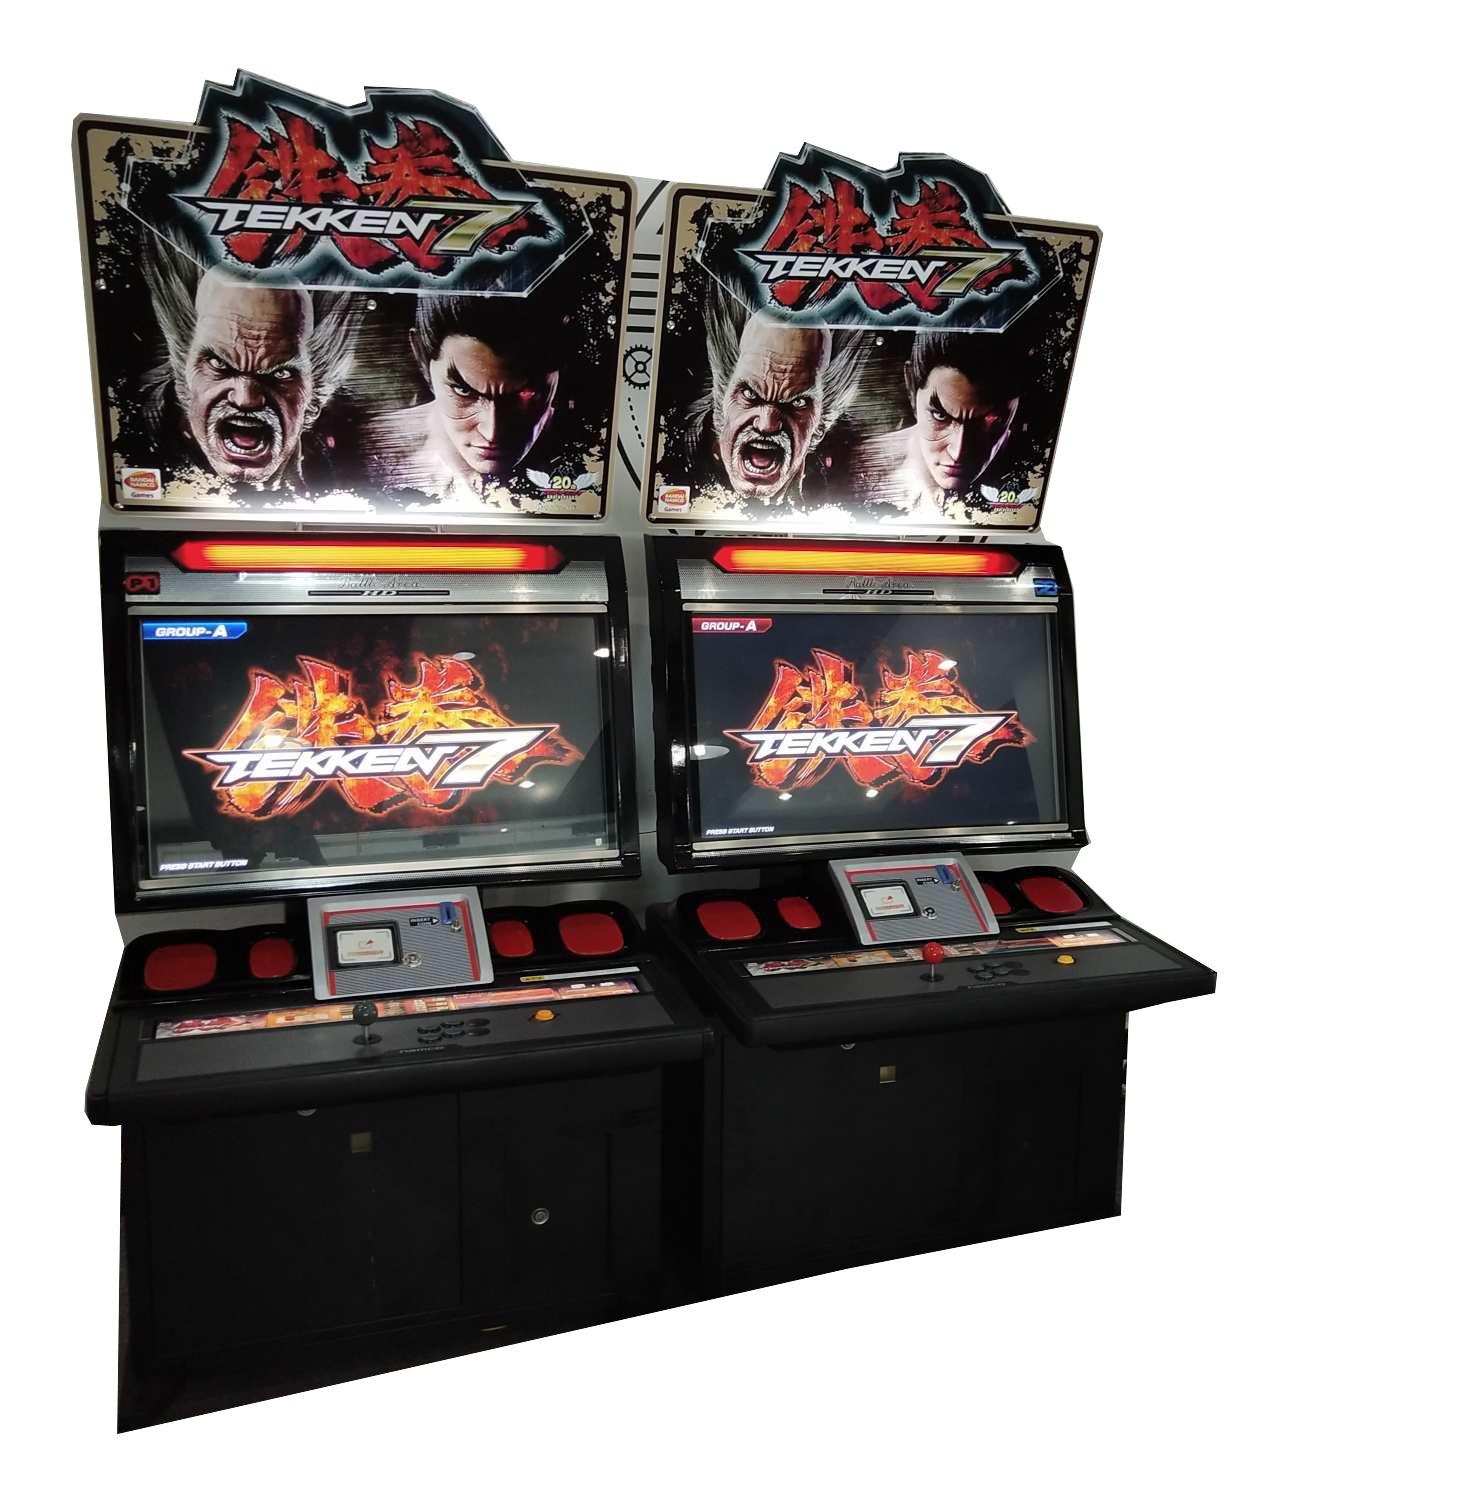 Tekken игровой автомат играть игровые автоматы без регистрации демо